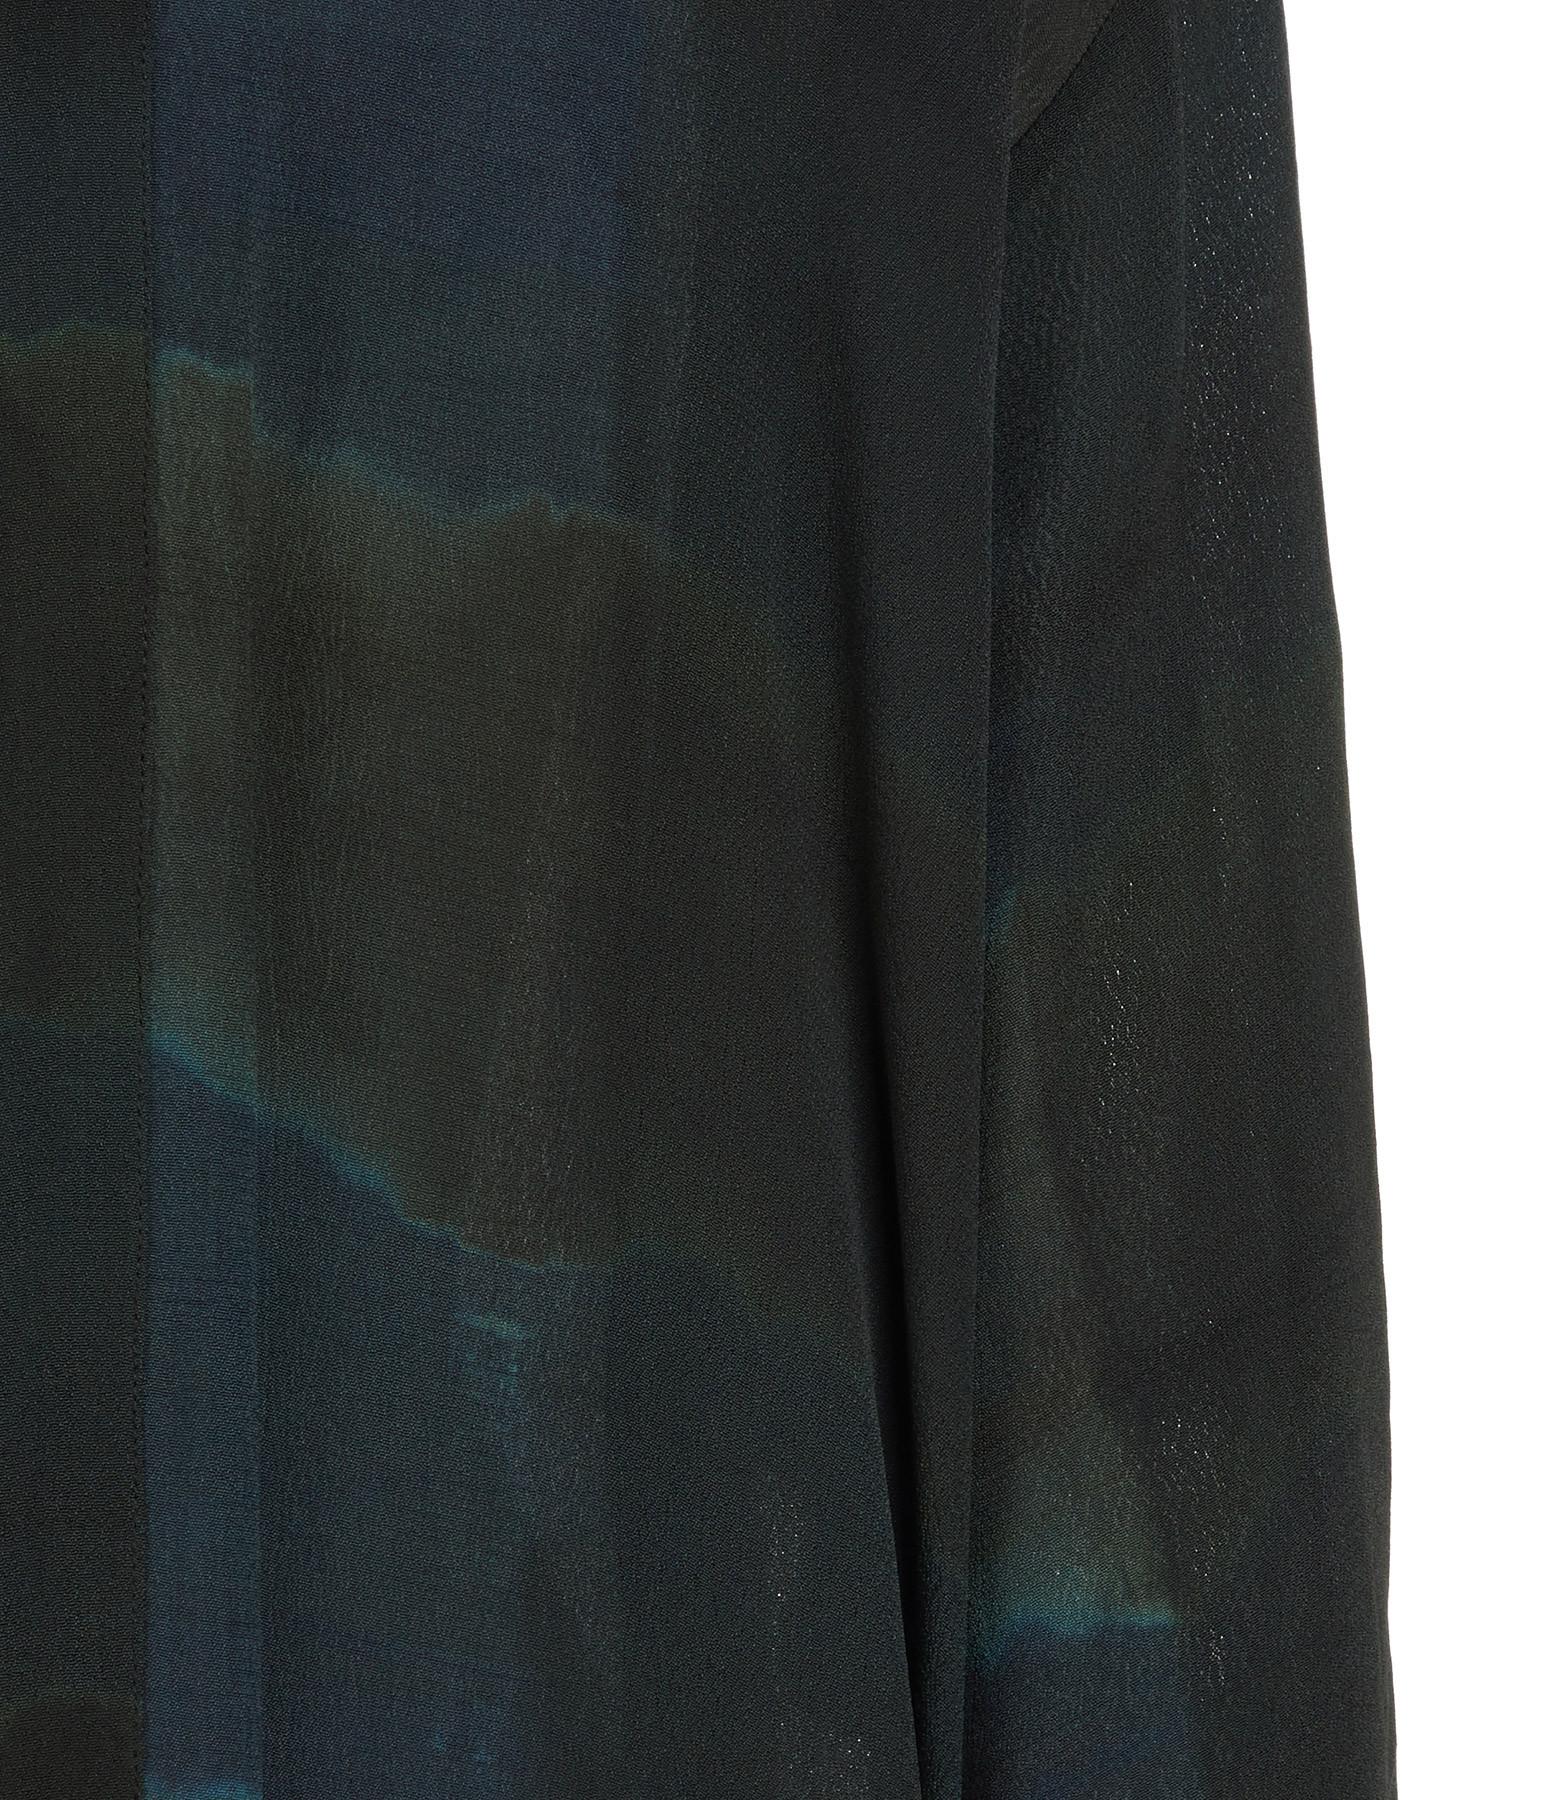 NOUS - Kimono Cléo Crèpe Gris Bleu Nuit